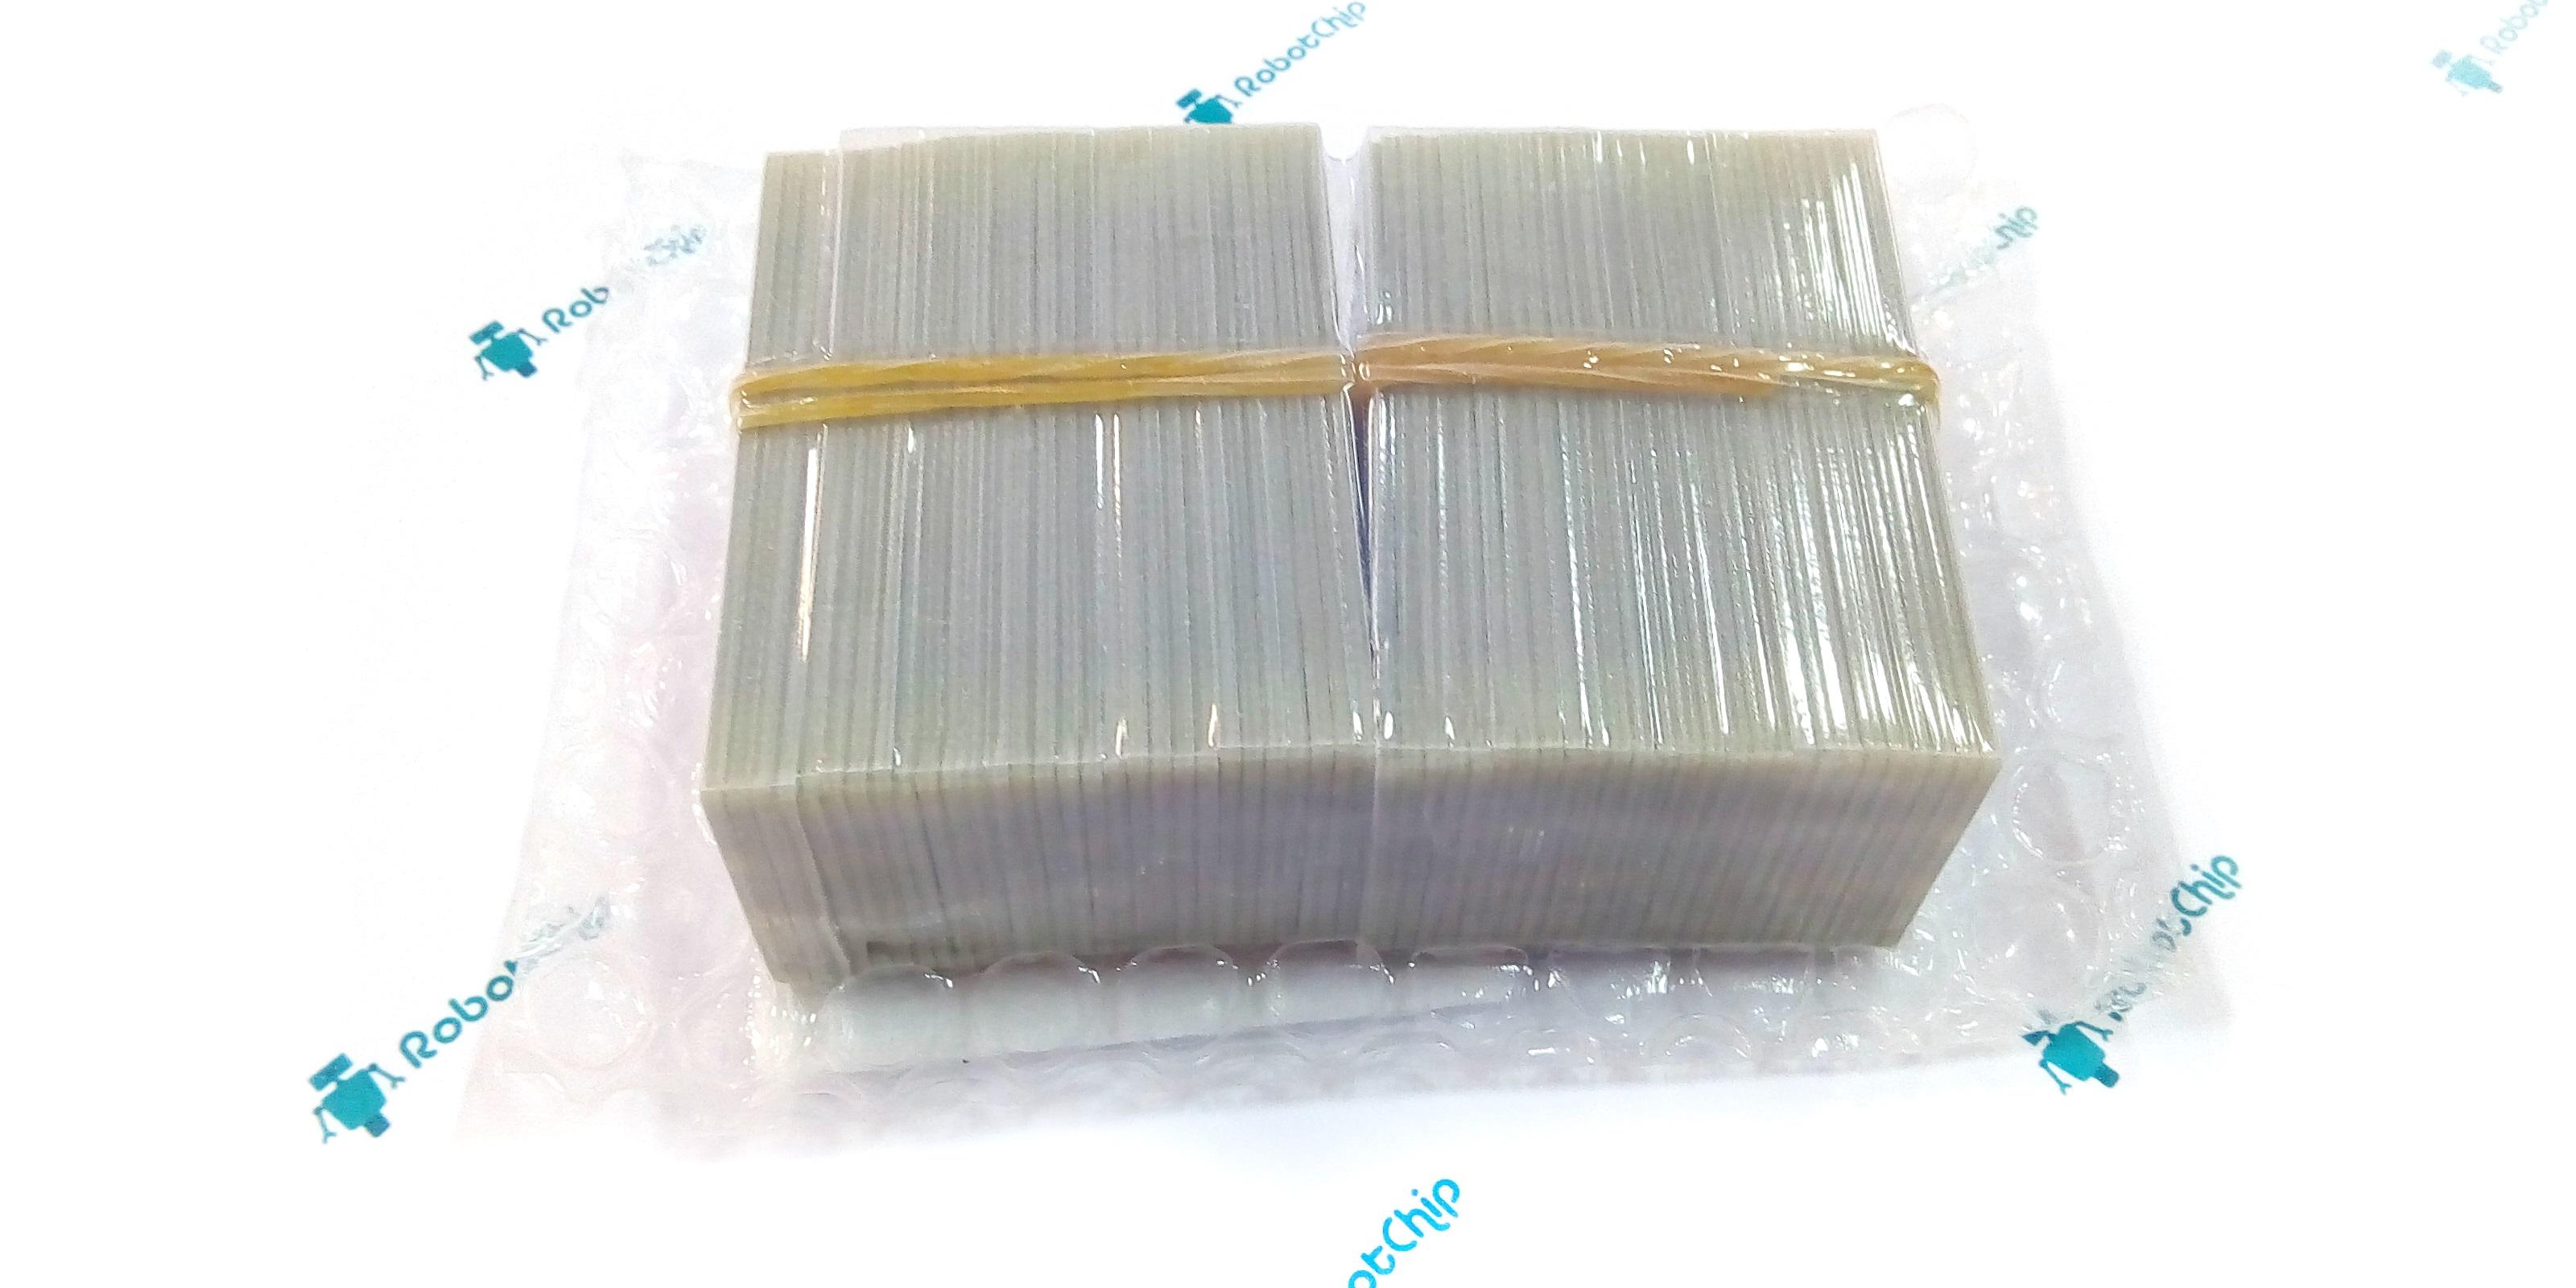 Изготовление печатных плат в Китае (PCBWay)